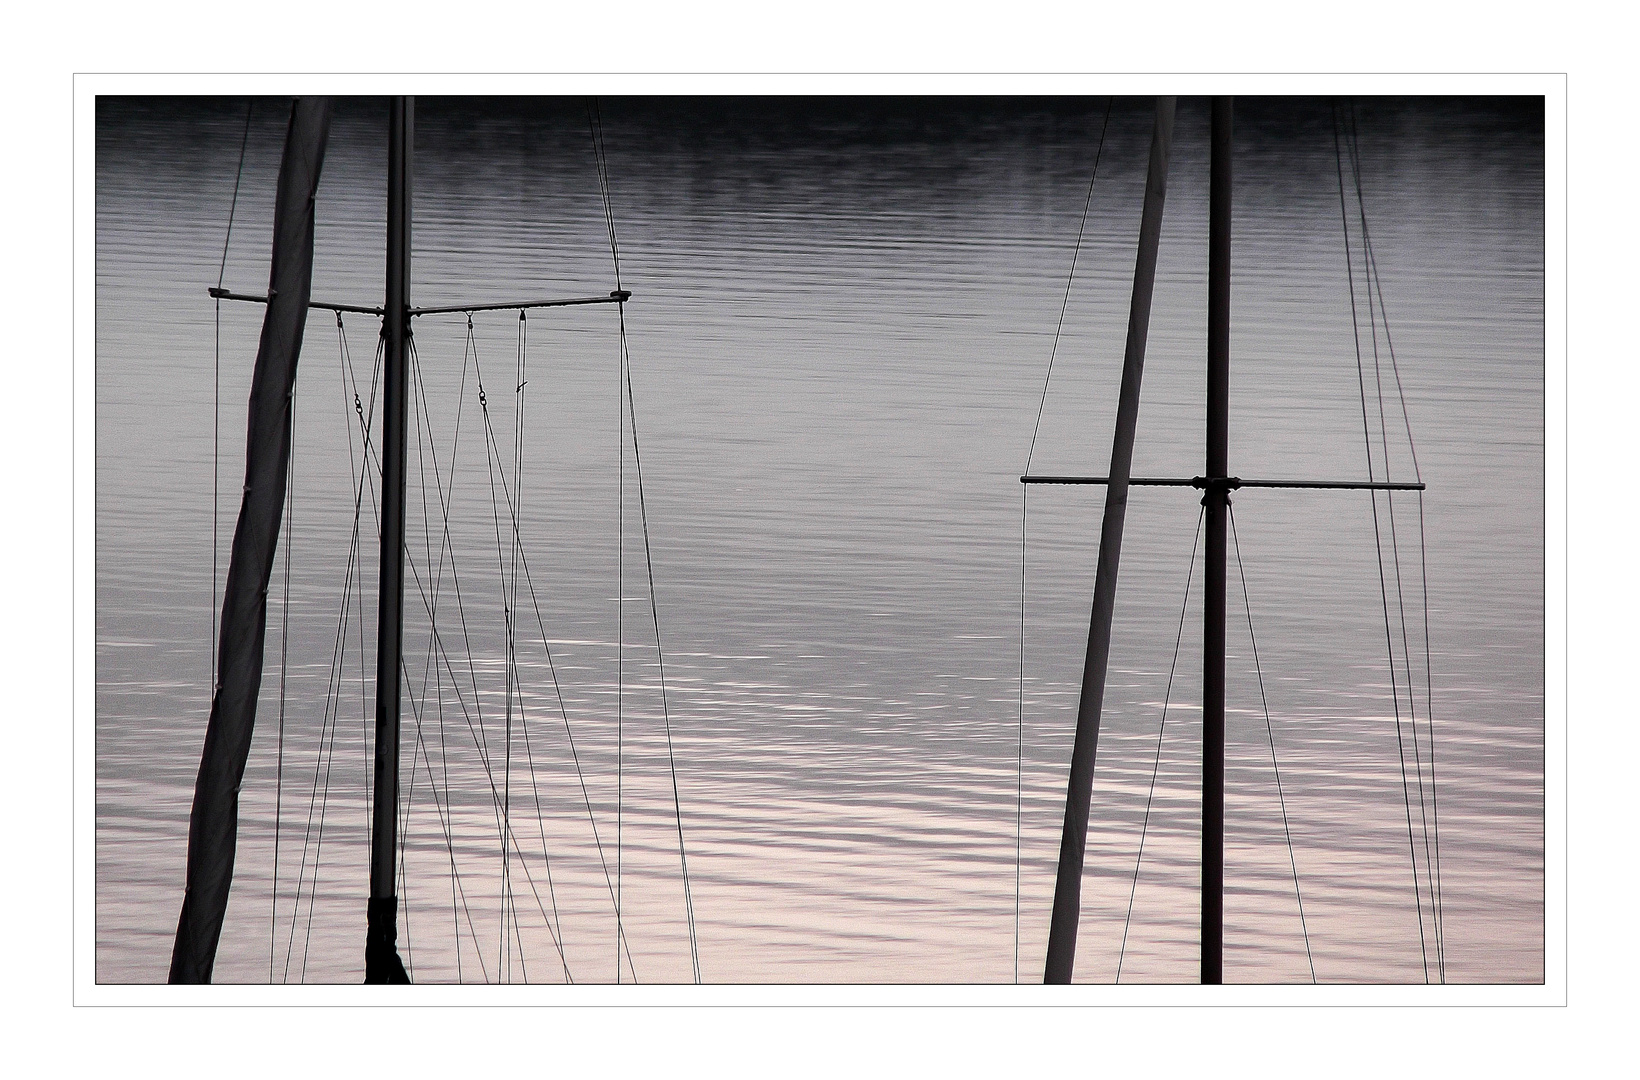 meditative Linen eines grauen Tages